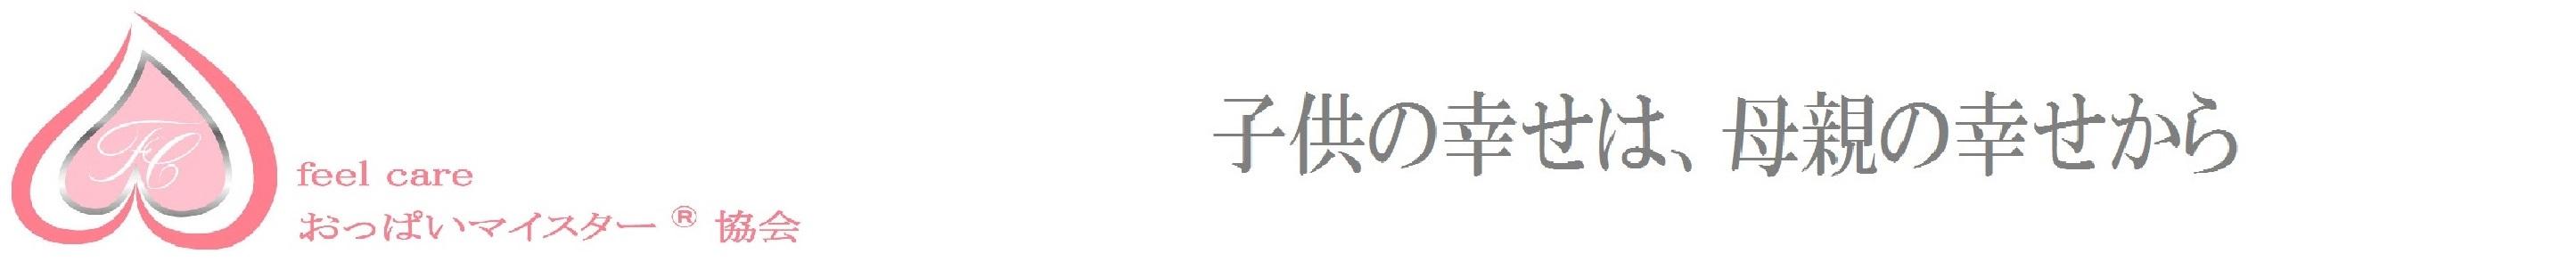 feel careおっぱいマイスター®協会